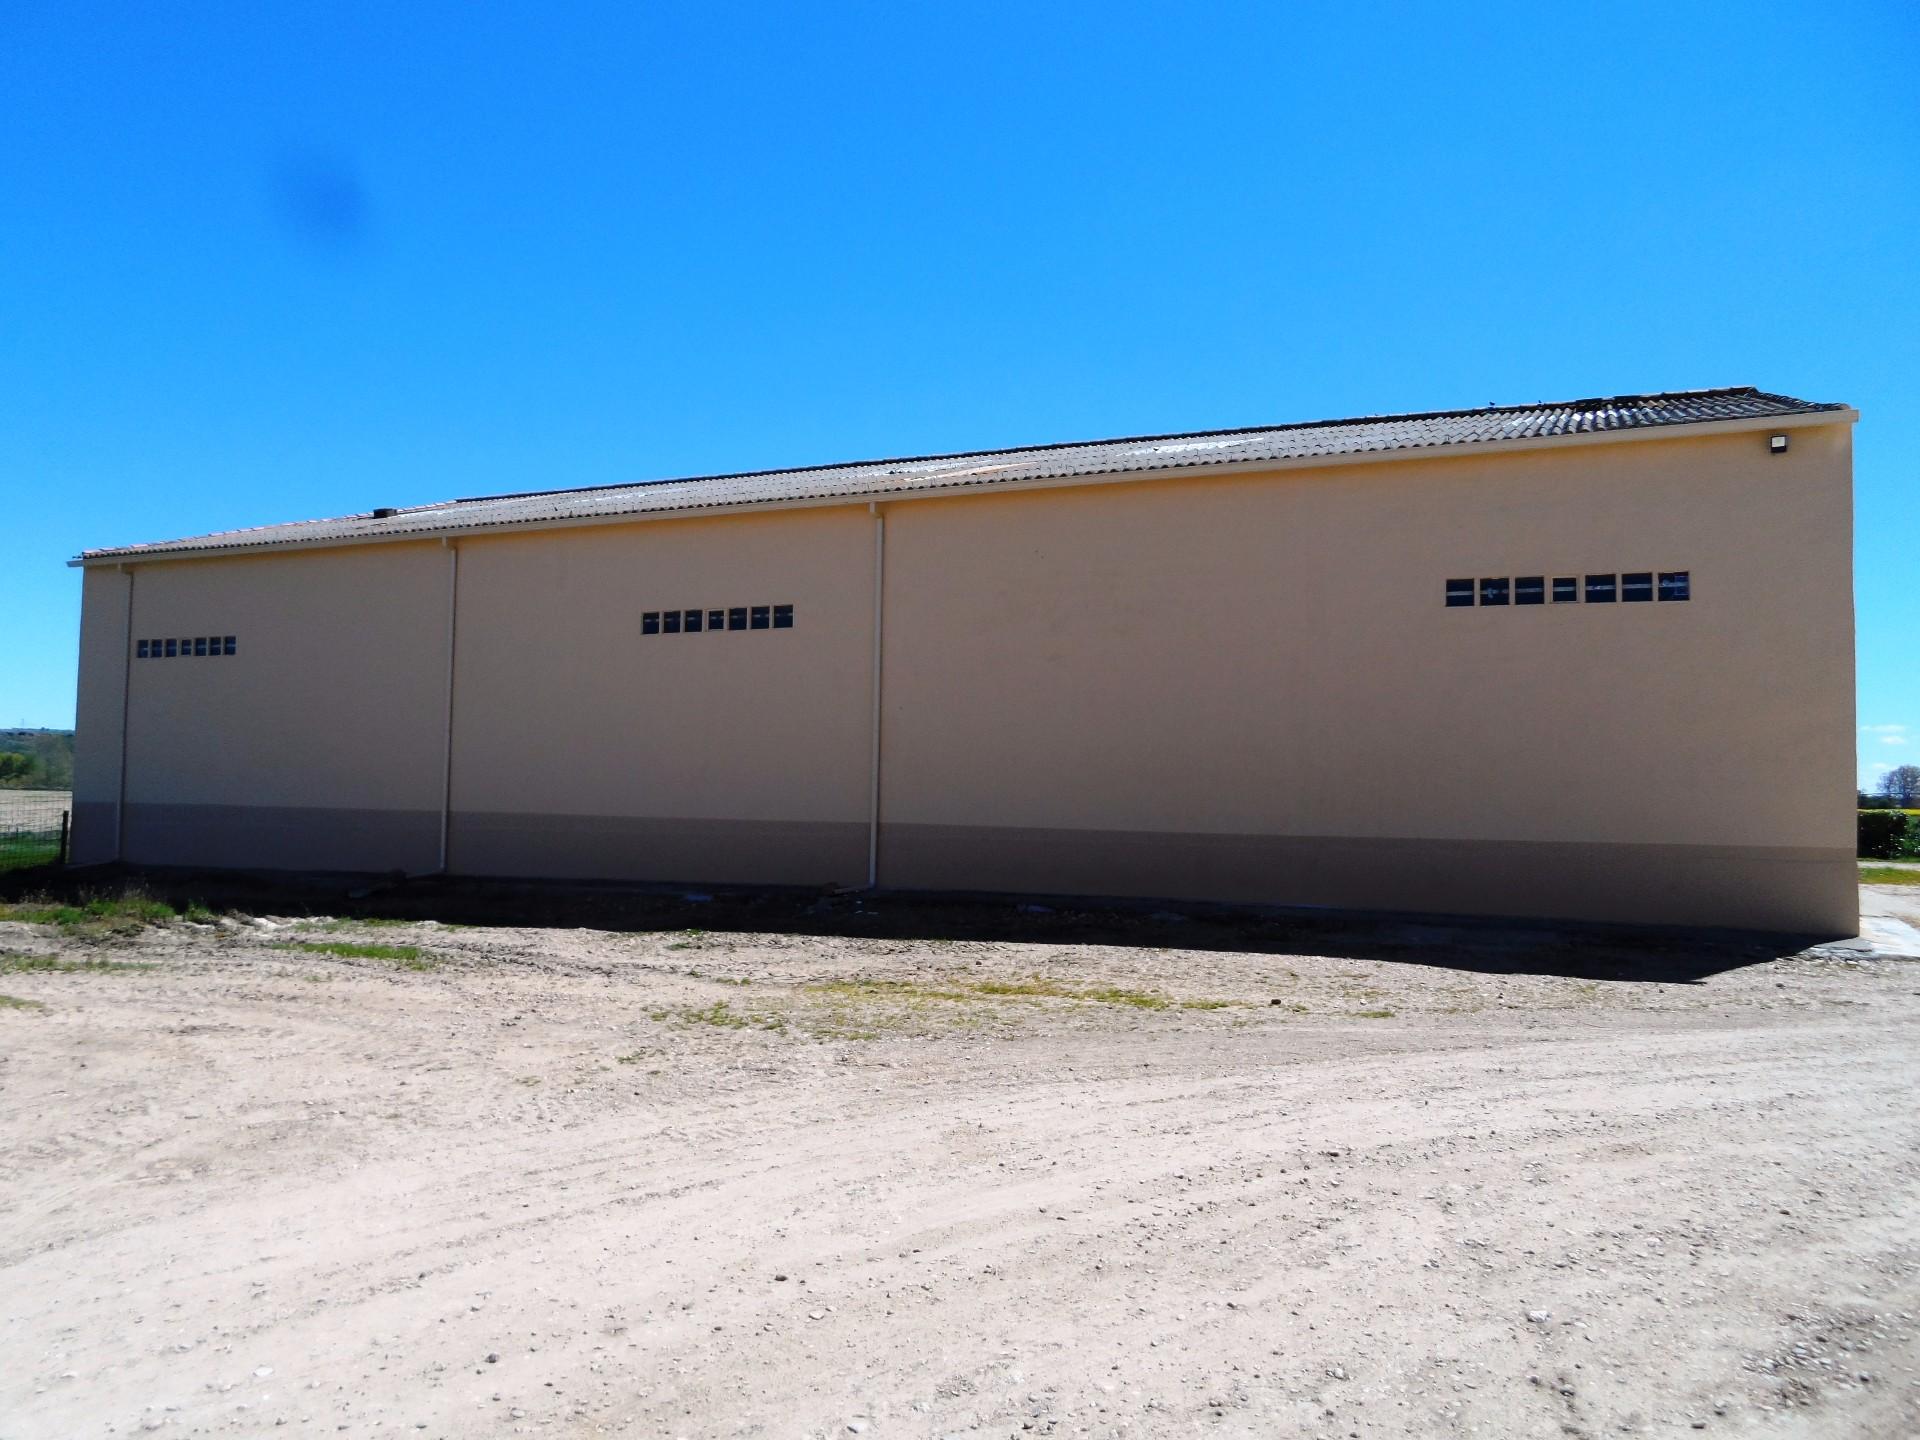 Zocalo exterior zcalo universal para fotocontrol exterior for Zocalo pared exterior